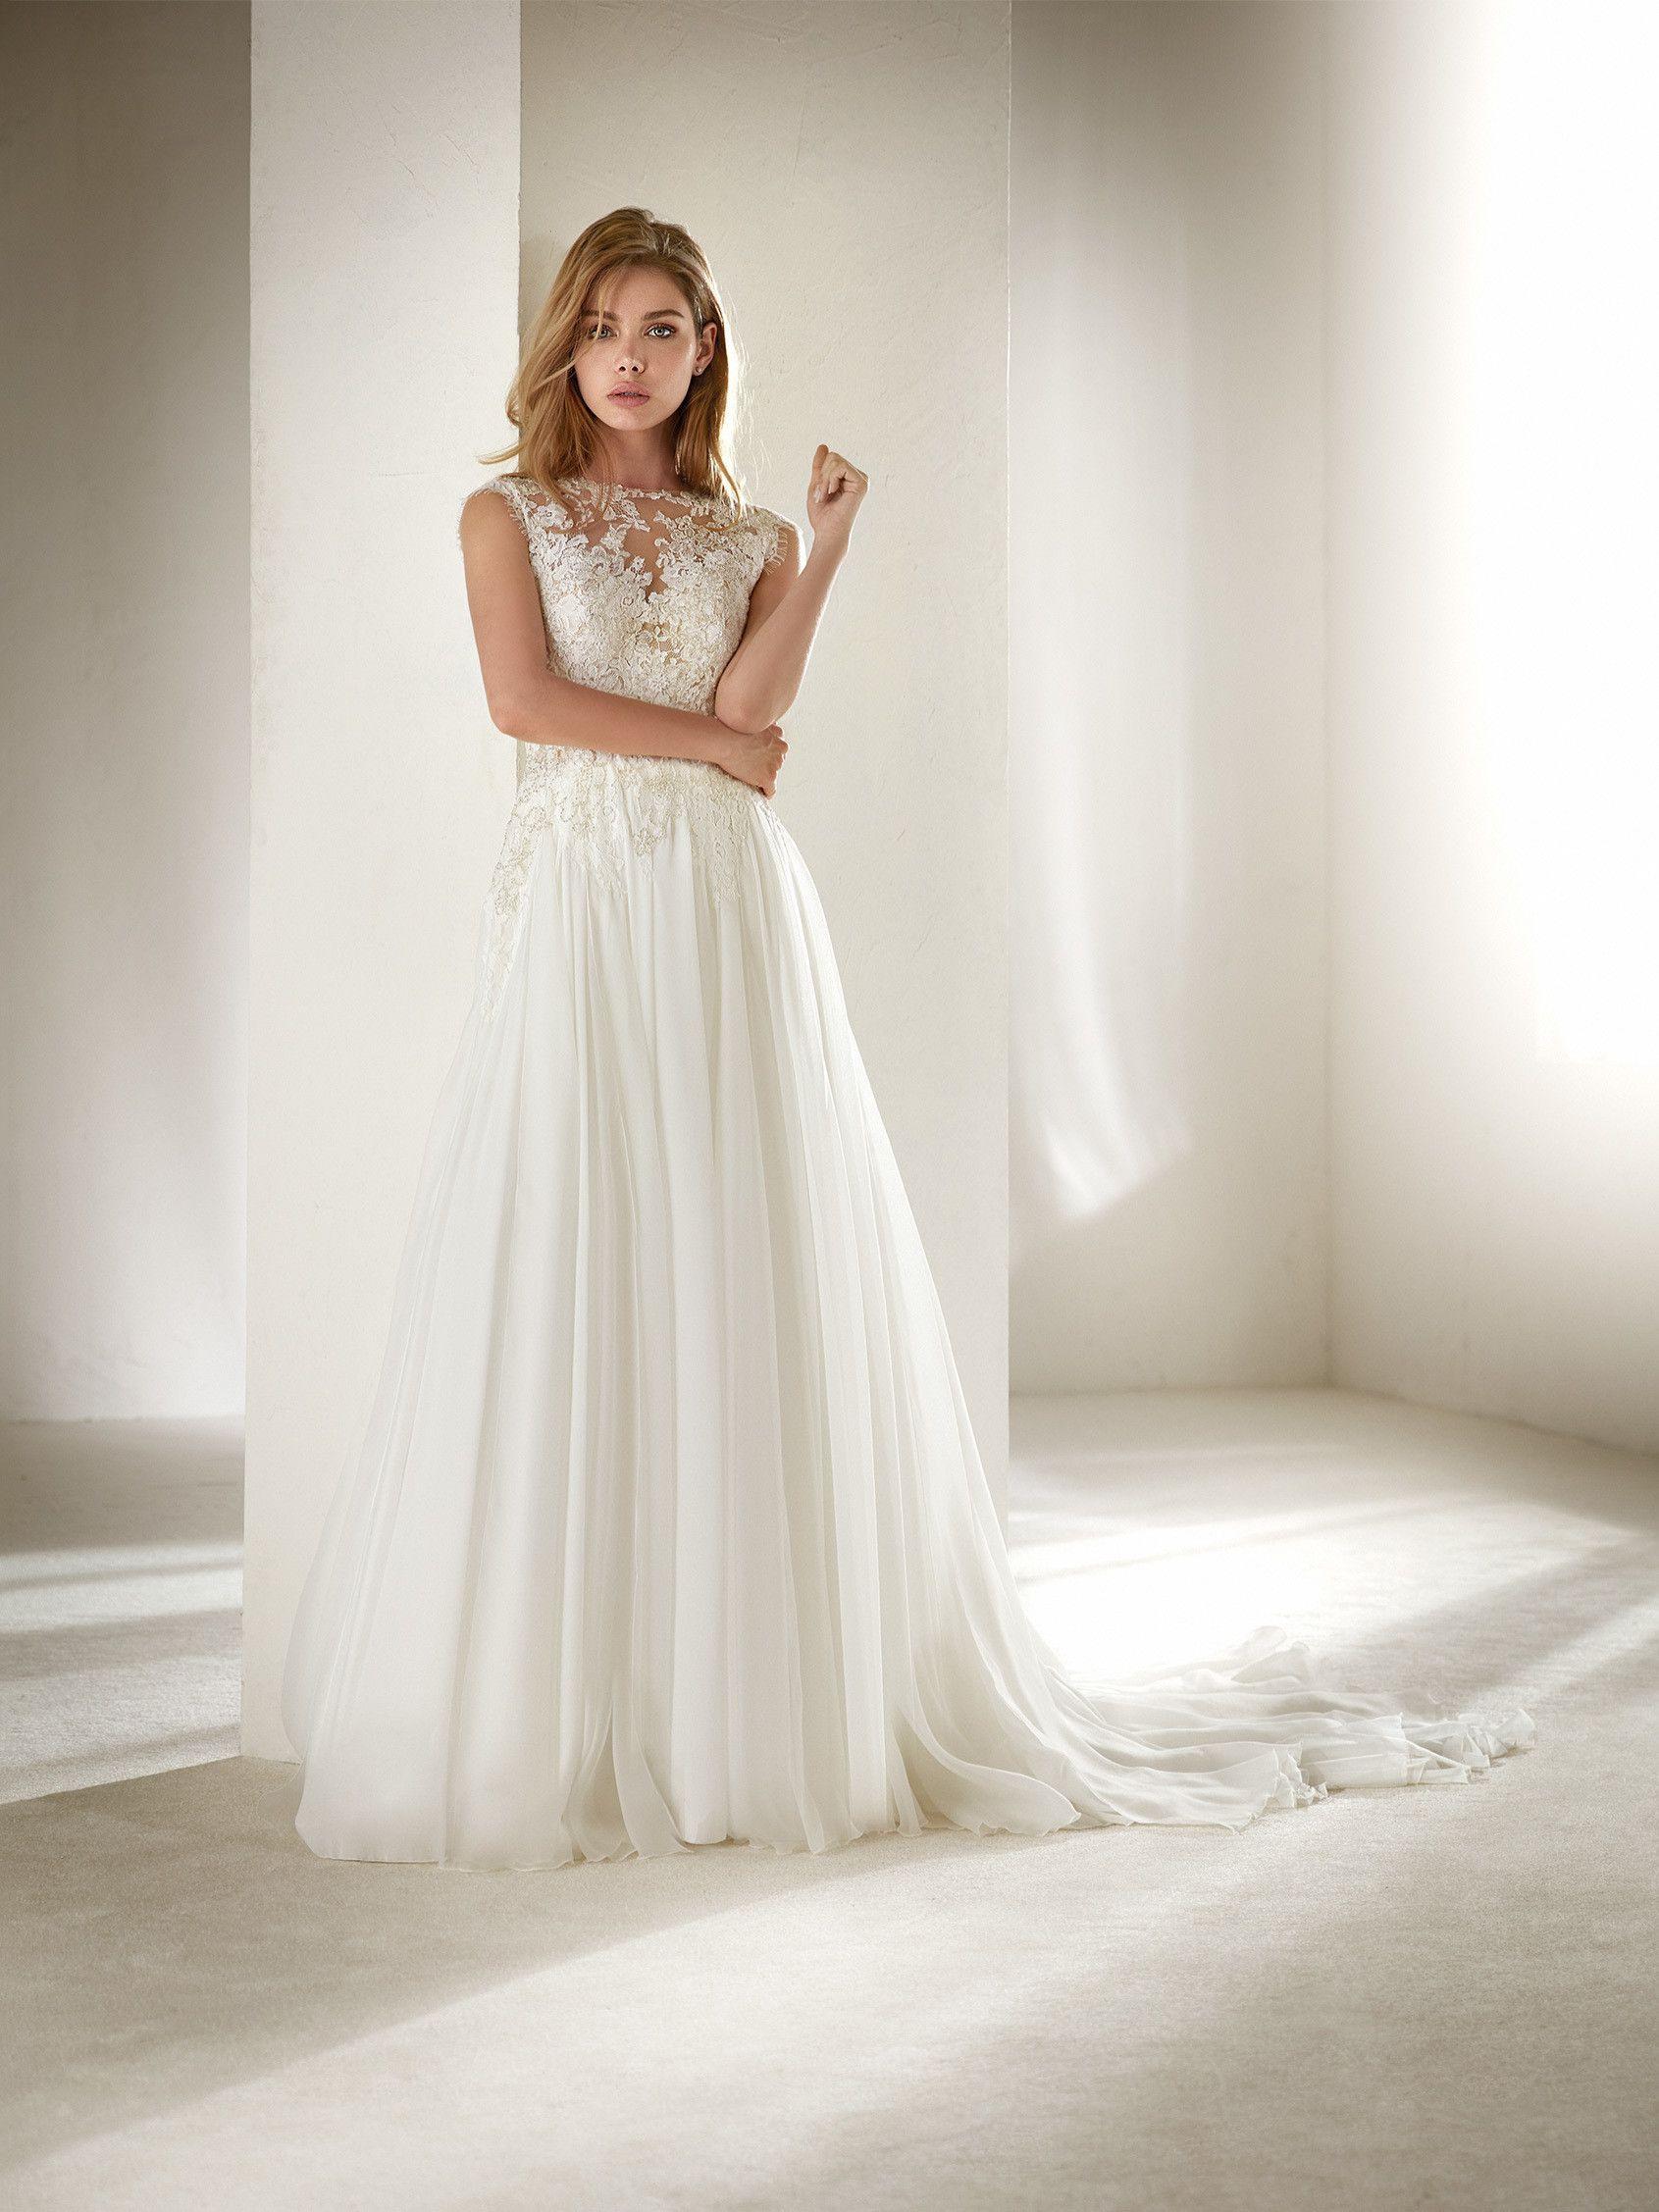 Brautkleid Ausgestellt Kleine Frauen | Wedding Dress